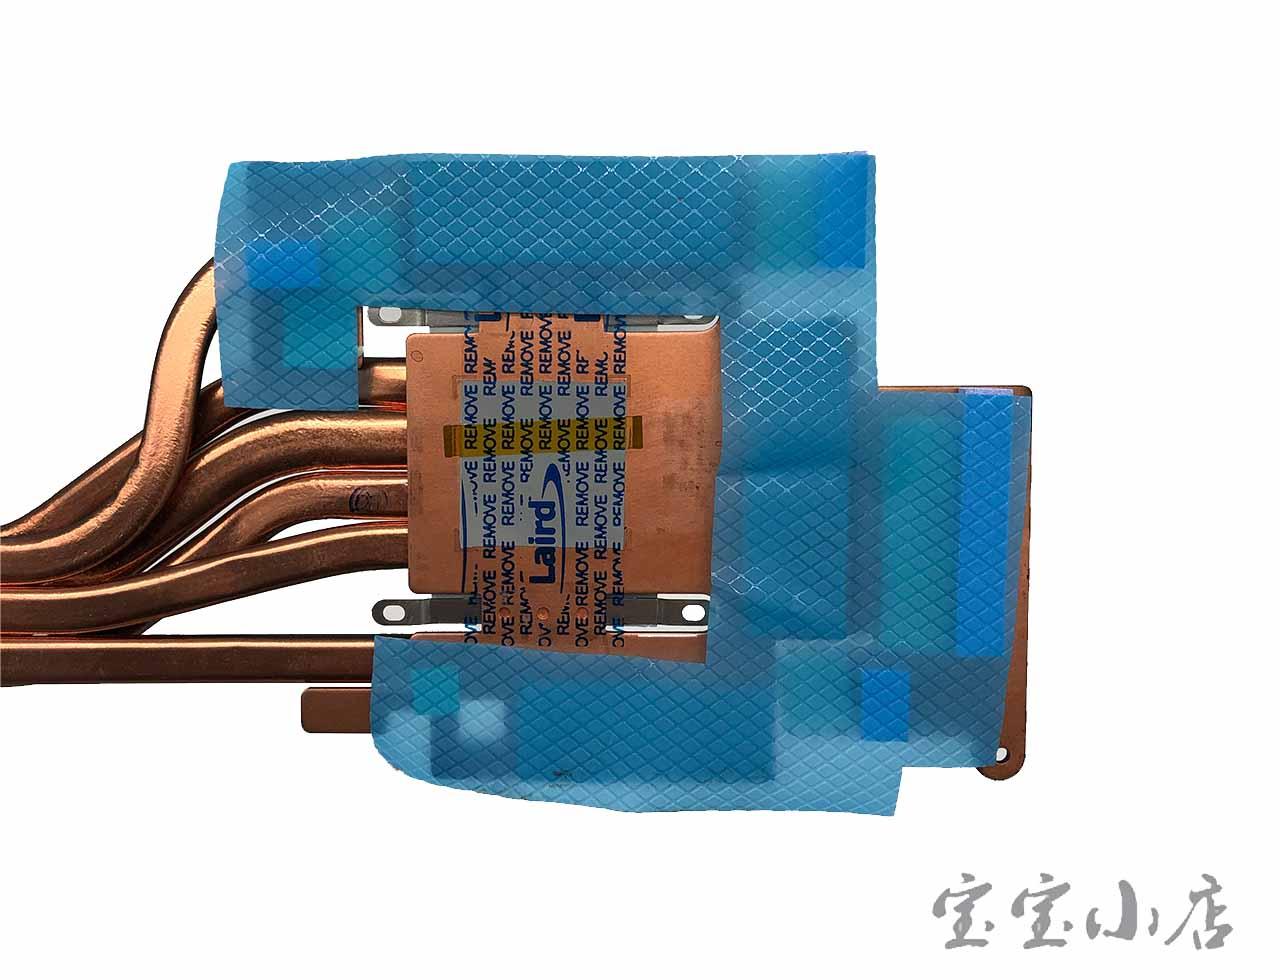 蓝天CLEVO P870x DM2 DM3 KM TM-G 散热模组 铜管 6-31-P872N-401 CPU Cooling Heatsink VGA Heatsink Module for CLEVO N17E-G3